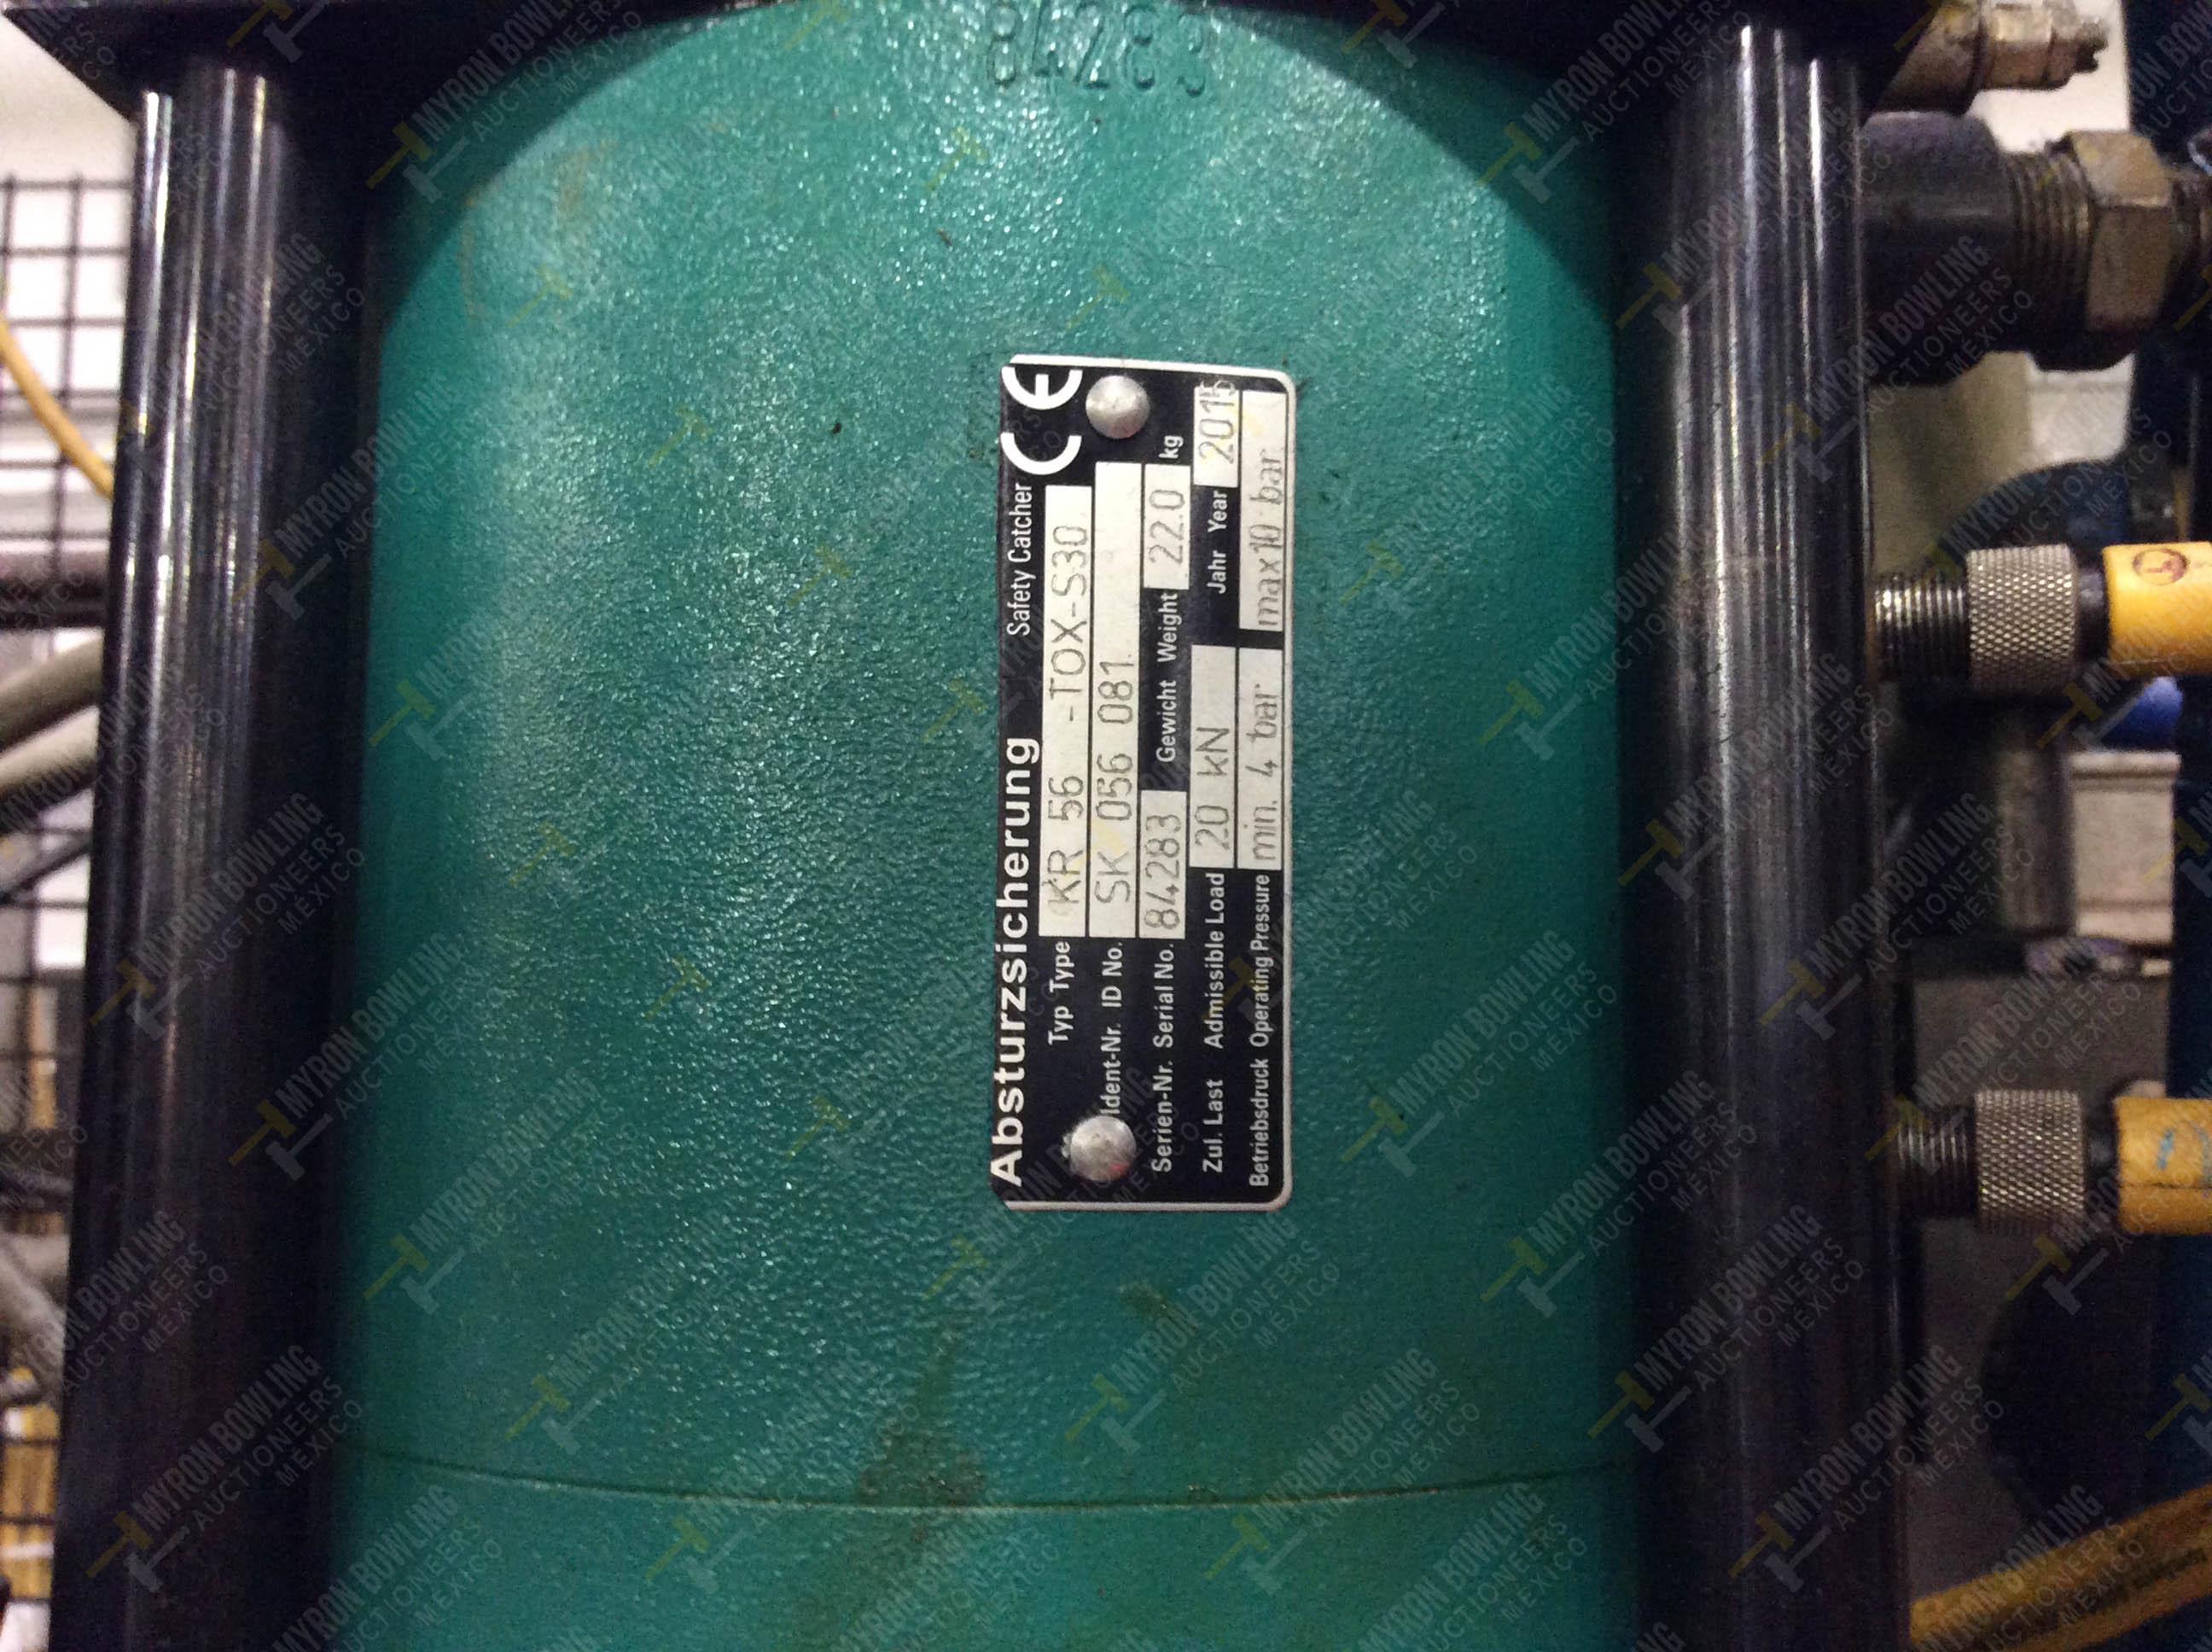 Estación semiautomática para operación 240A de ensamble de balero - Image 28 of 29